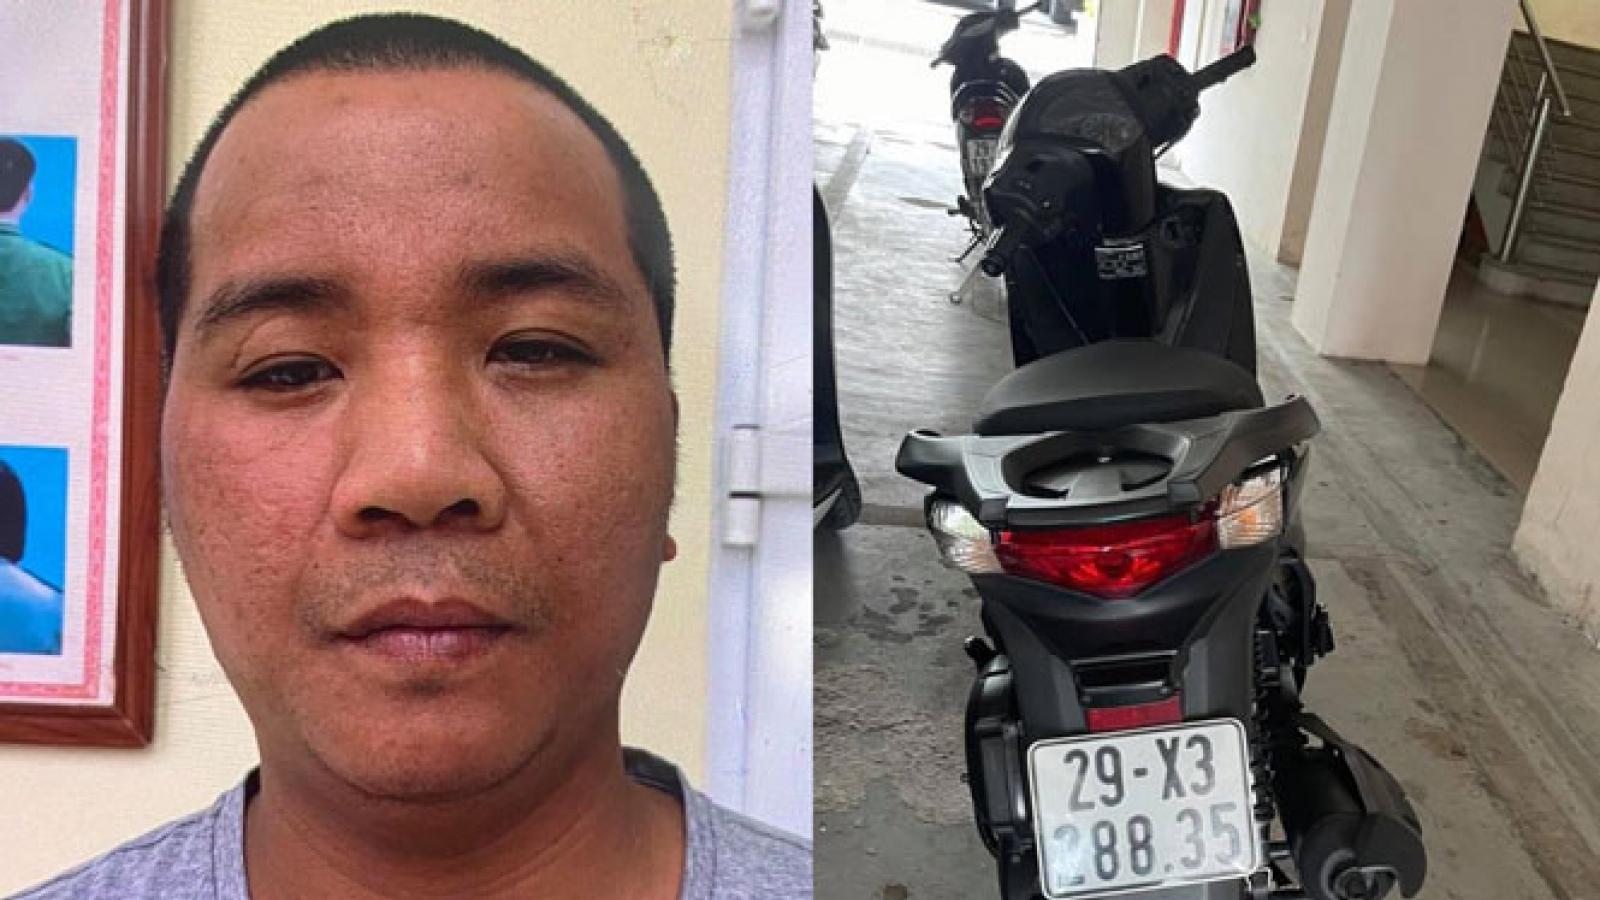 Bắt tên cướp đi xe máy SH gây ra nhiều vụ giật dây chuyền ở Hà Nội